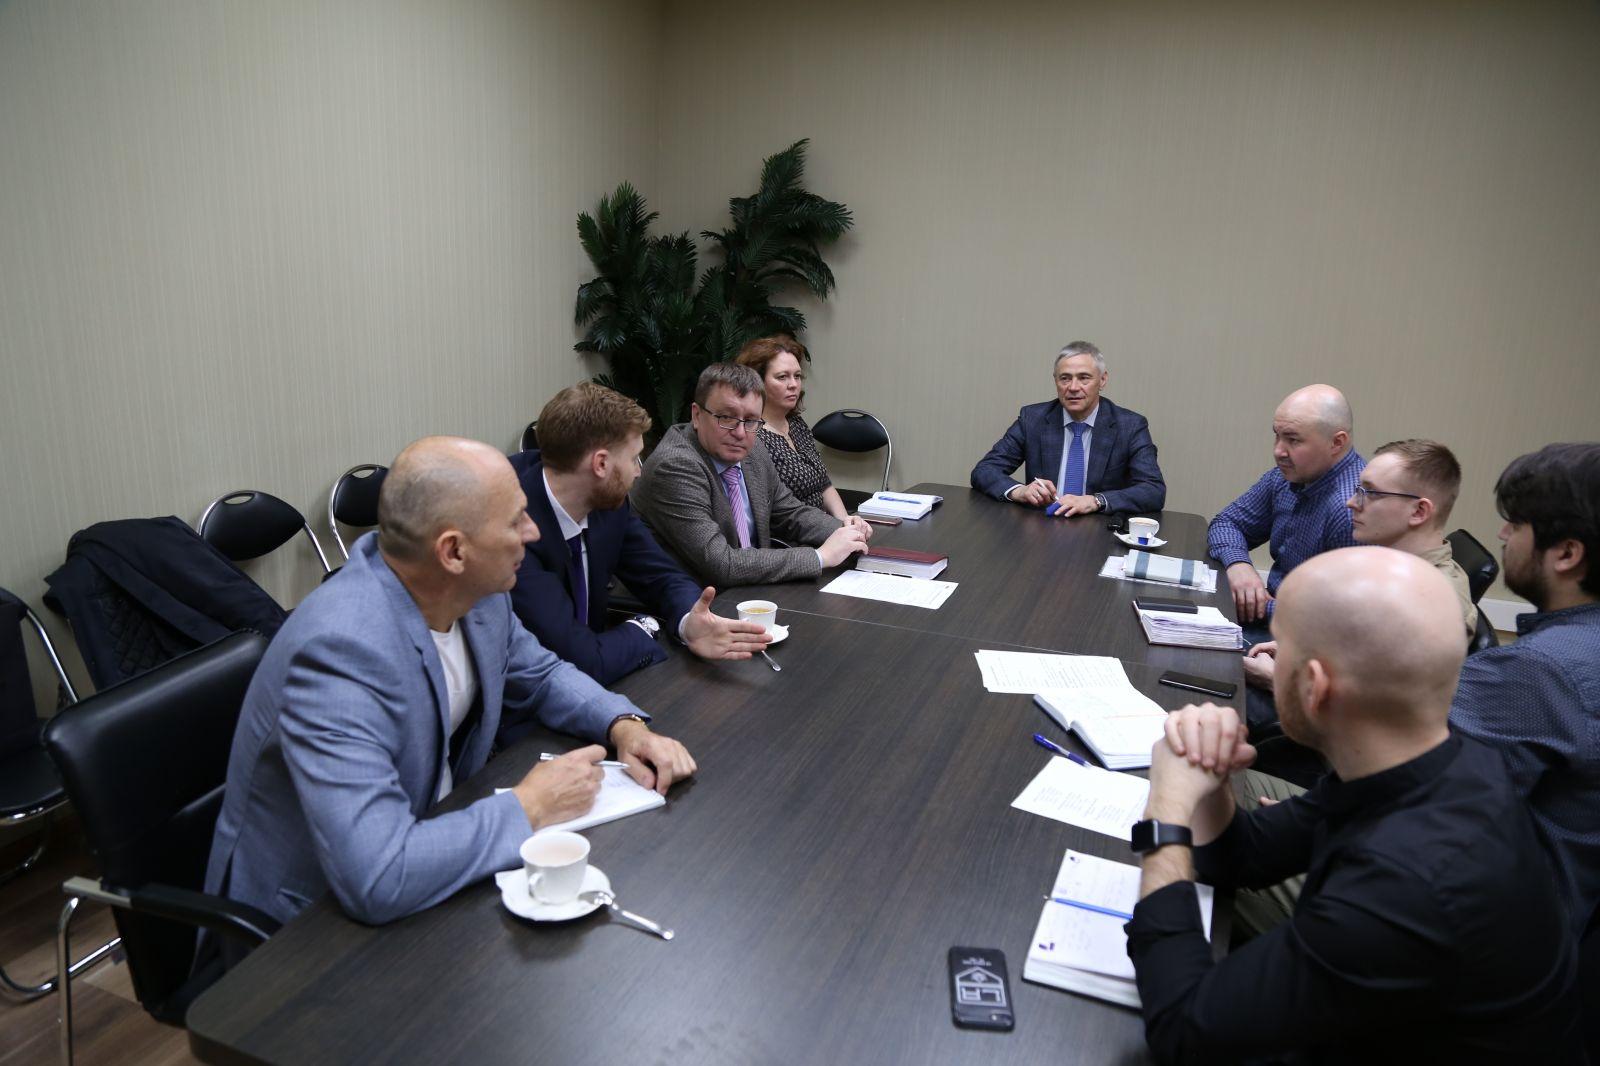 П.А. Рожков в офисе ПКР провел рабочую встречу с руководителем управления развития Молодежной хоккейной лиги и Женской хоккейной лиги КХЛ С.Г. Яковлевым